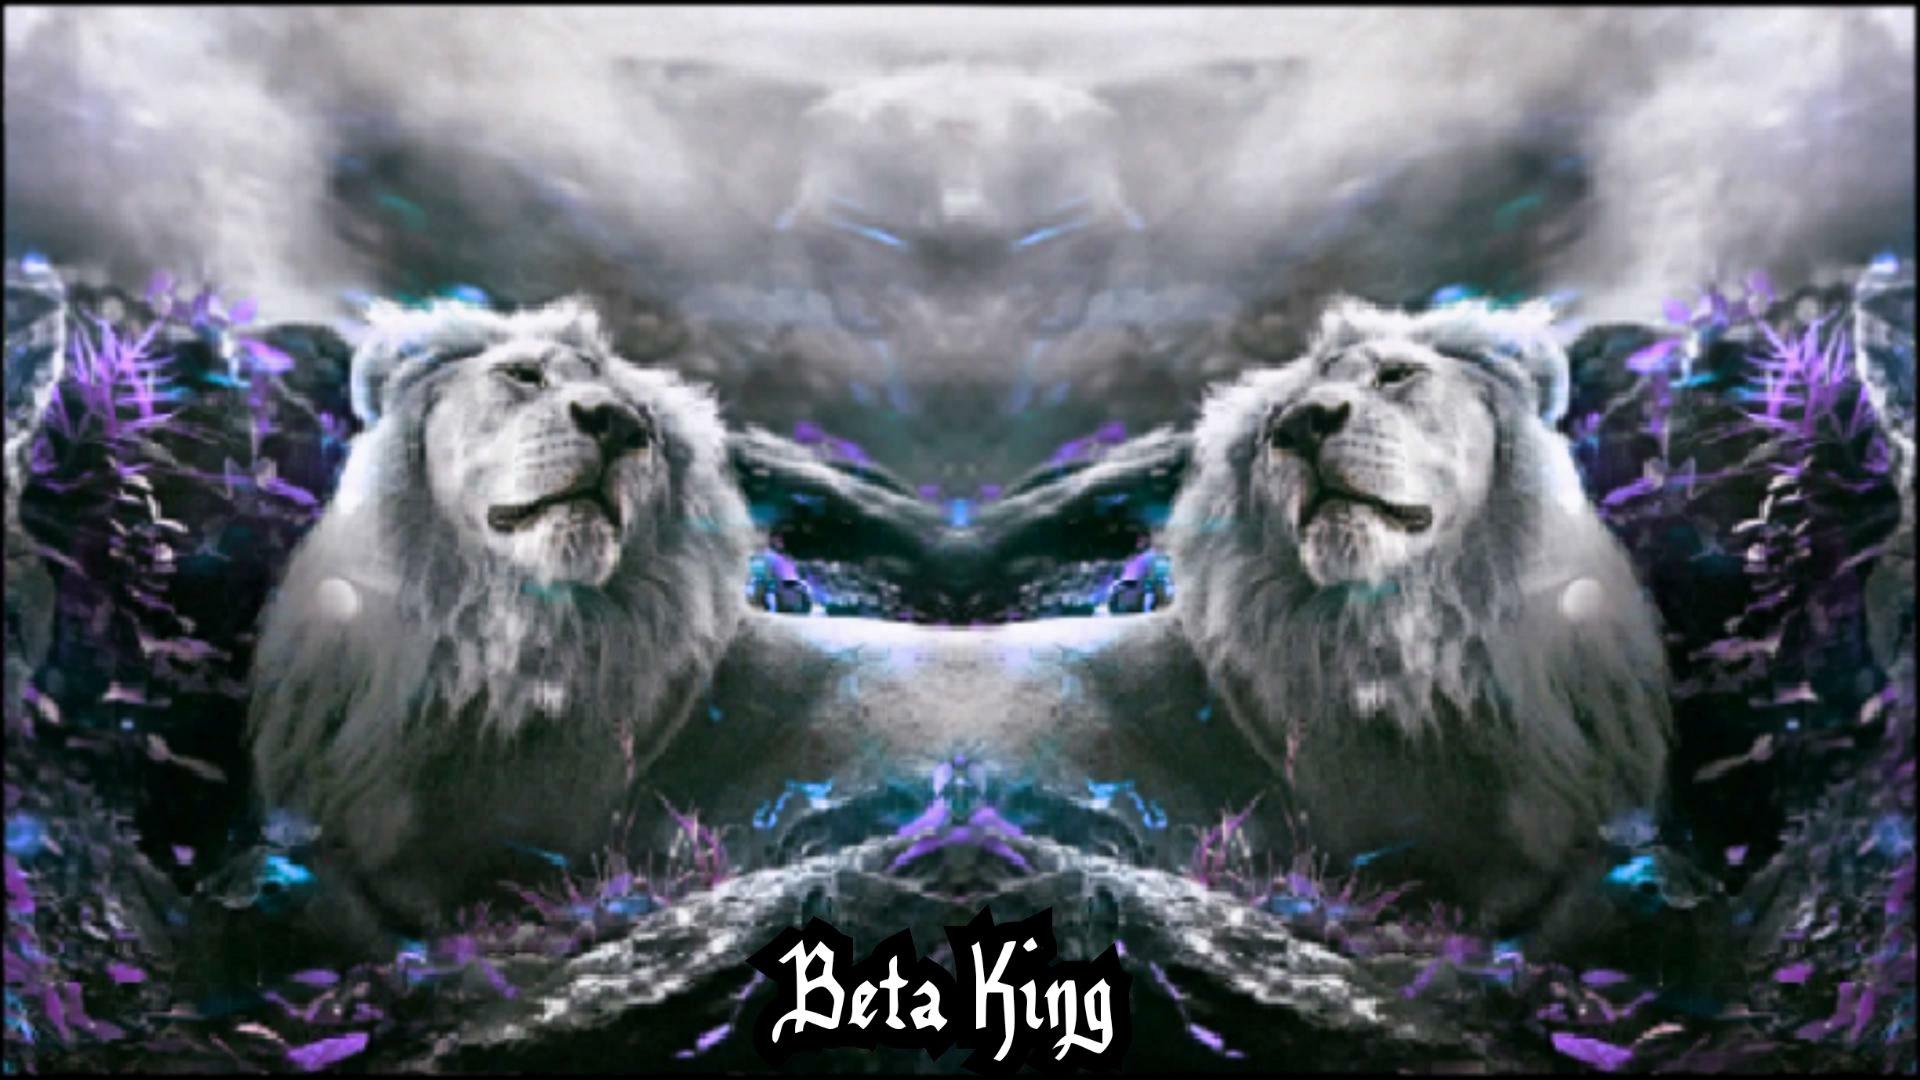 Beta King